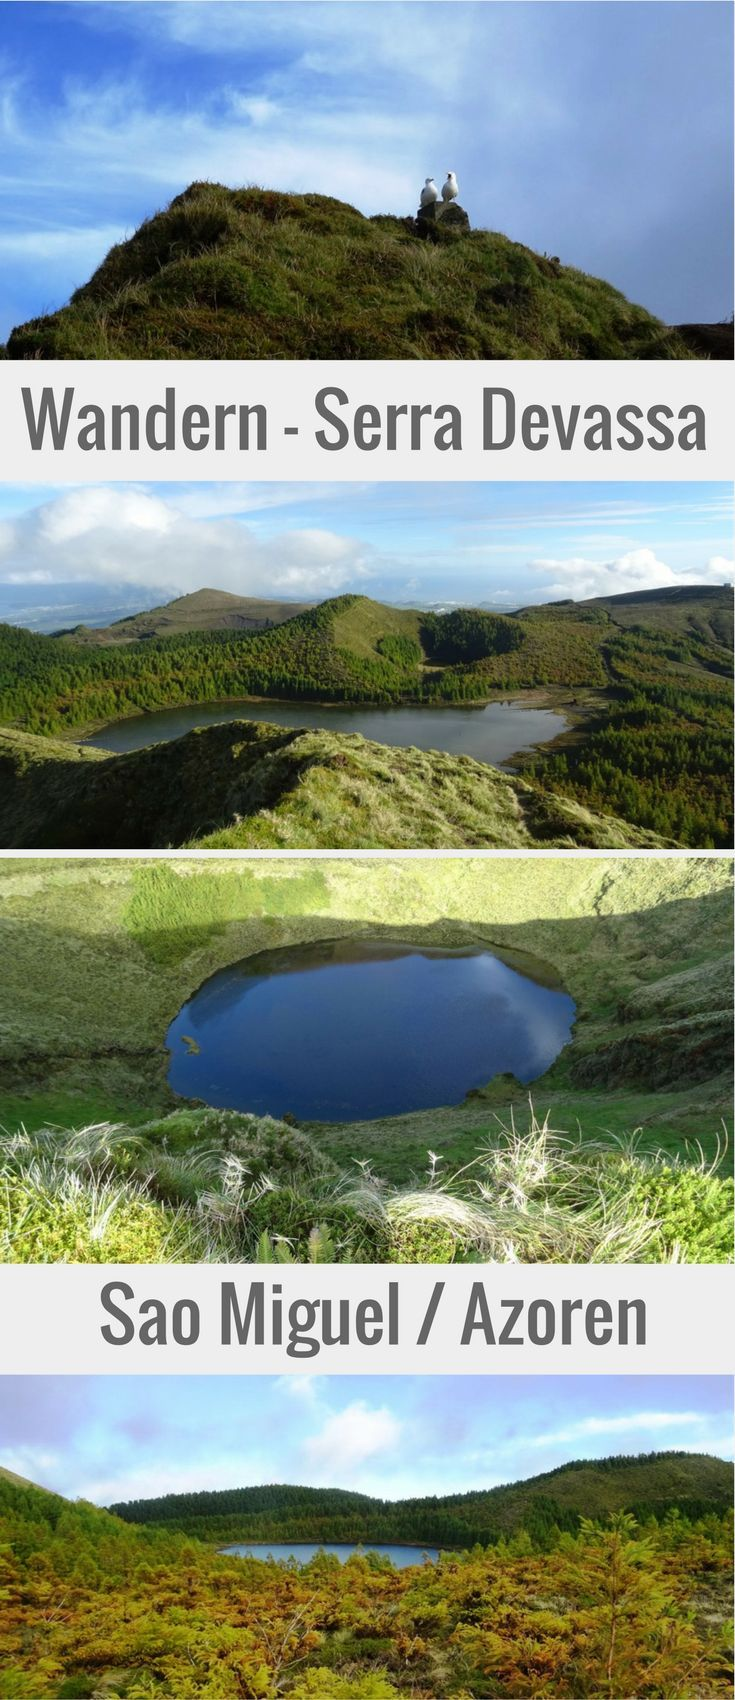 Traumhafte Wanderung zu den versteckten Seen der Serra Devassa auf der Azoreninsel Sao Miguel. #SaoMiguel #wandern # azoren #serradevassa